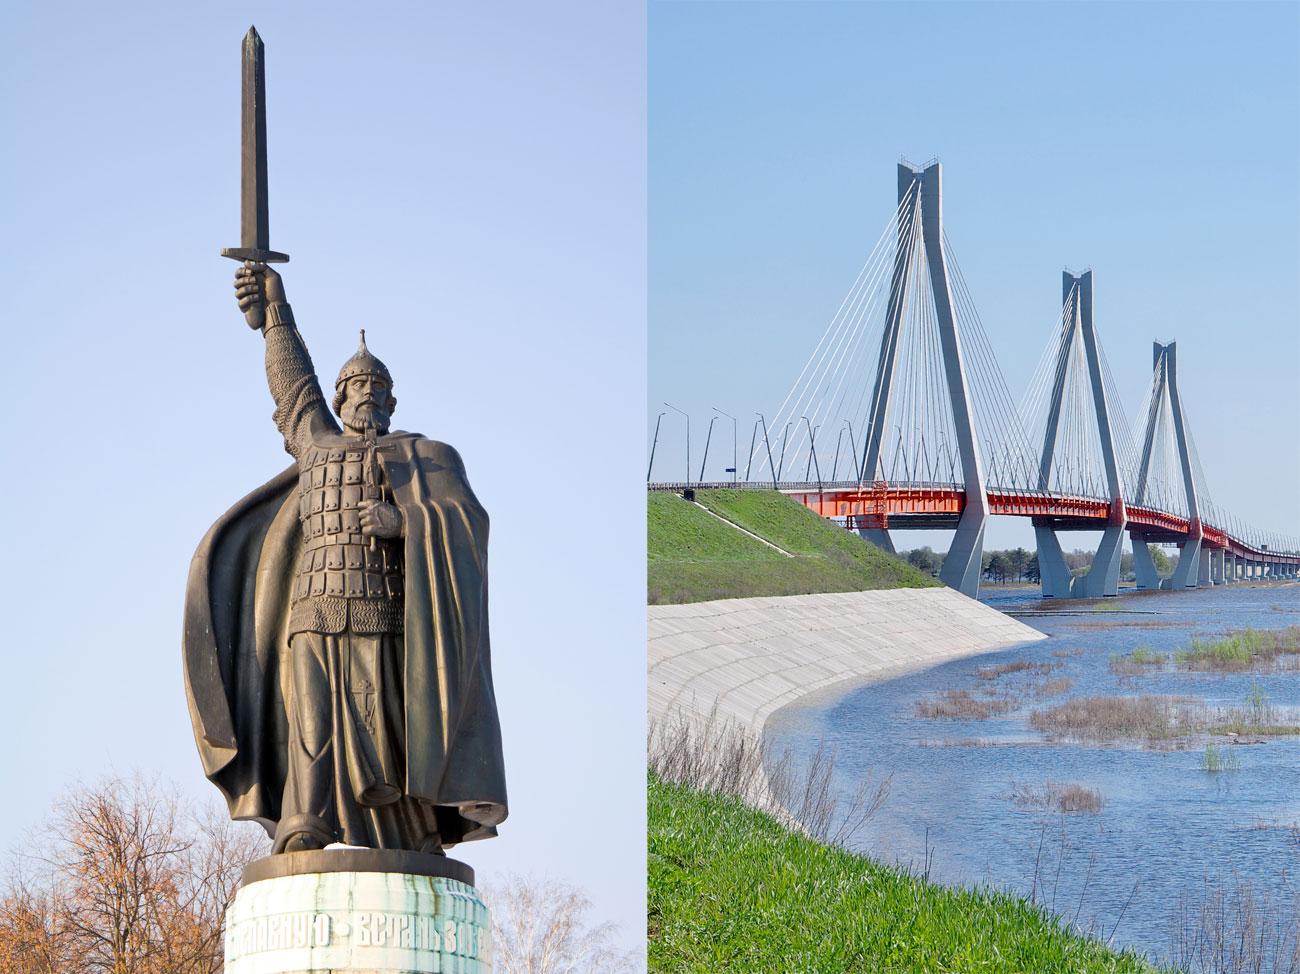 Някои малки градове също участват в надпреварата. Например древното малко градче Муром, родното място на славянския епичен герой Иля Муромец. Днешен Муром привлича посетители със своя паметник на легендарния богатир Муромец, но и с модерния Муромски мост.